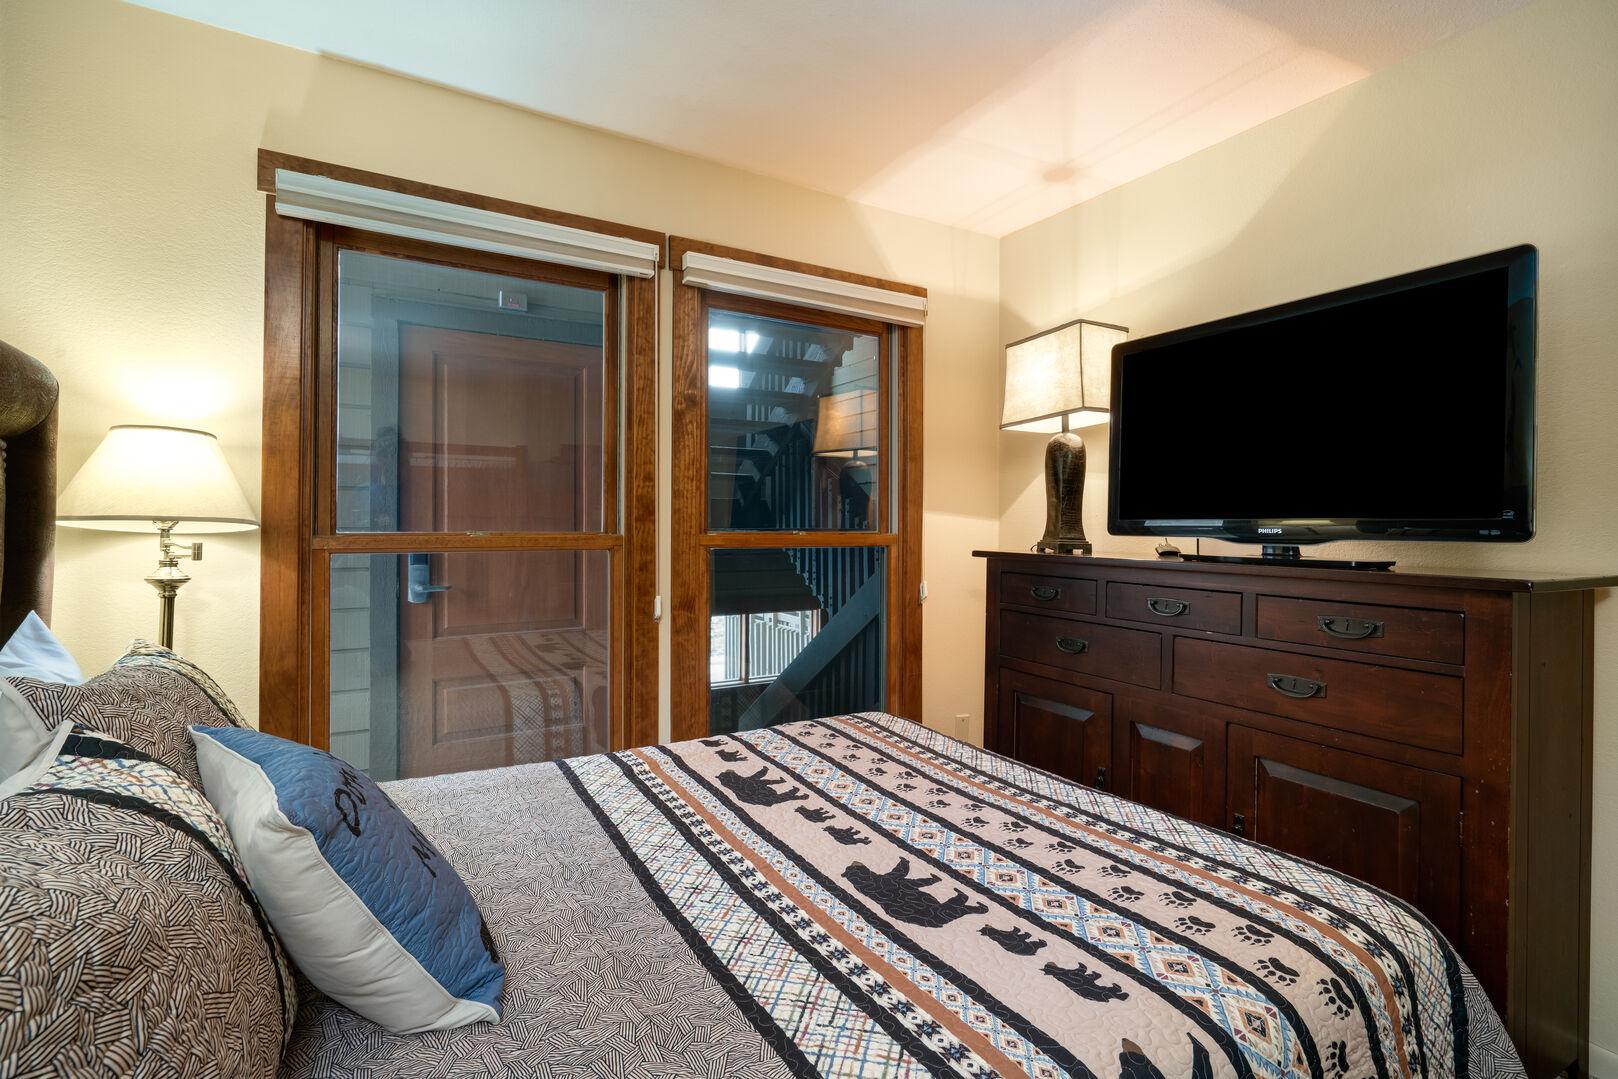 Queen bed in second bedroom, TV, large dresser